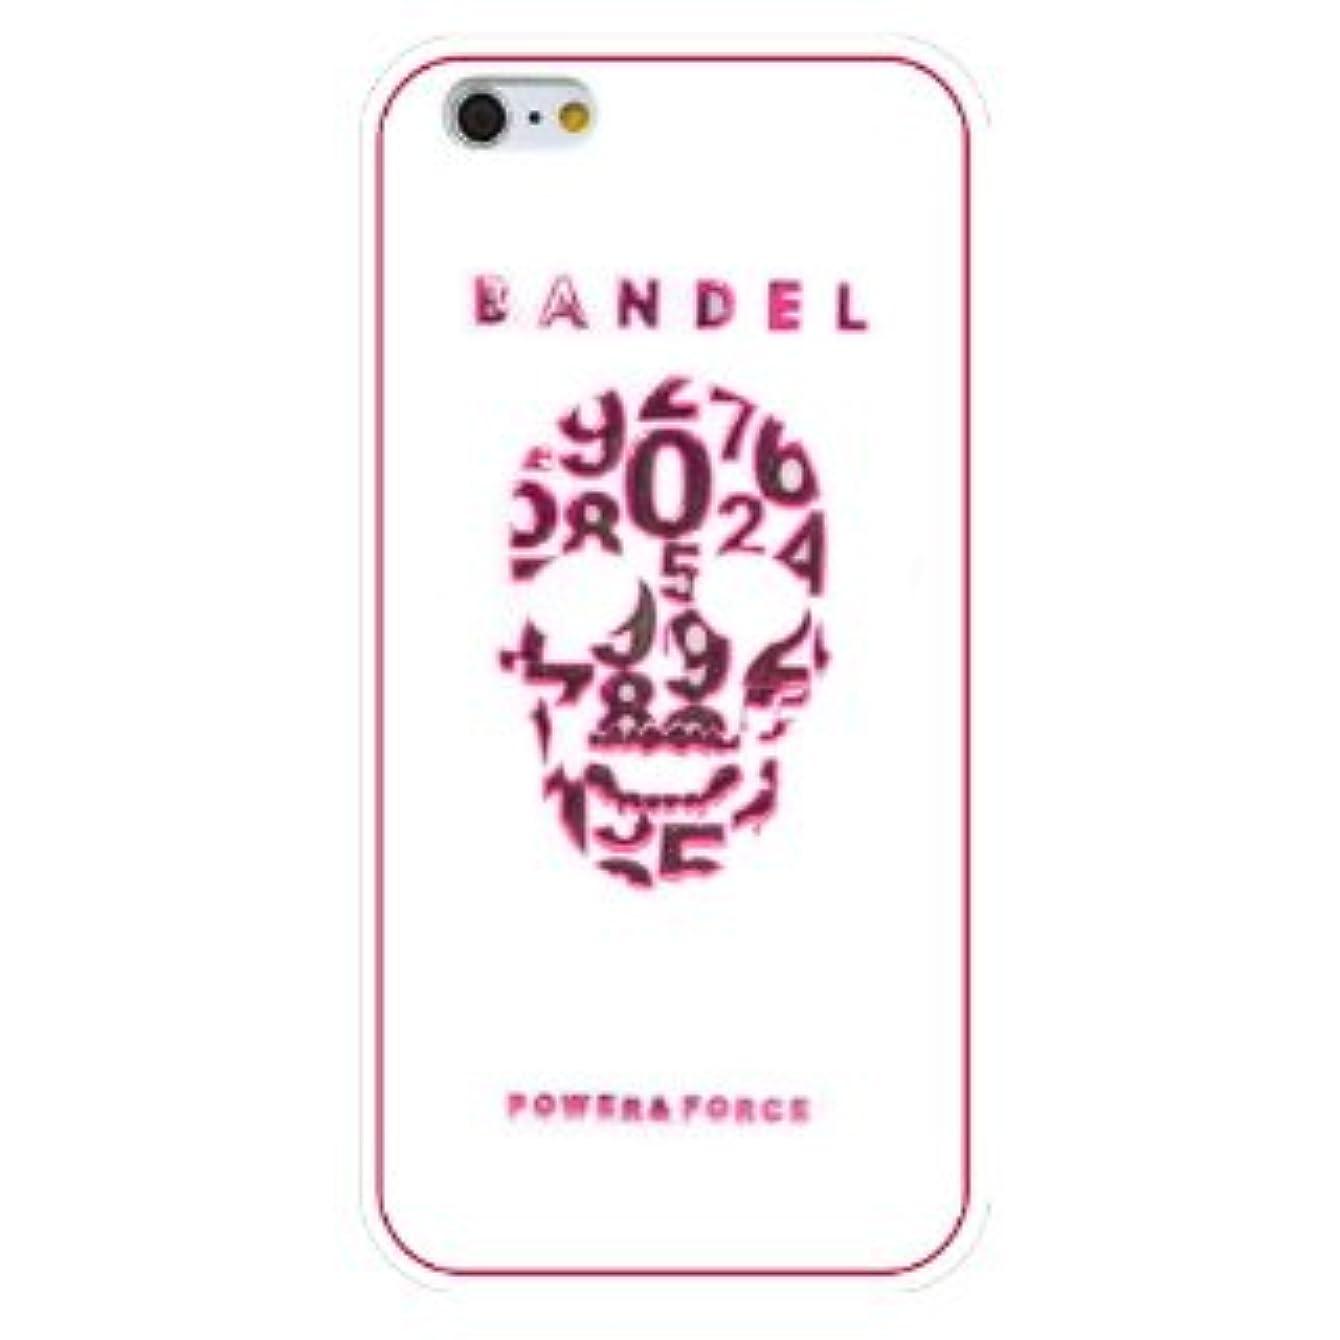 台無しにプーノ円周バンデル(BANDEL) スカル iPhone 7専用 シリコンケース [ホワイト×ピンク]